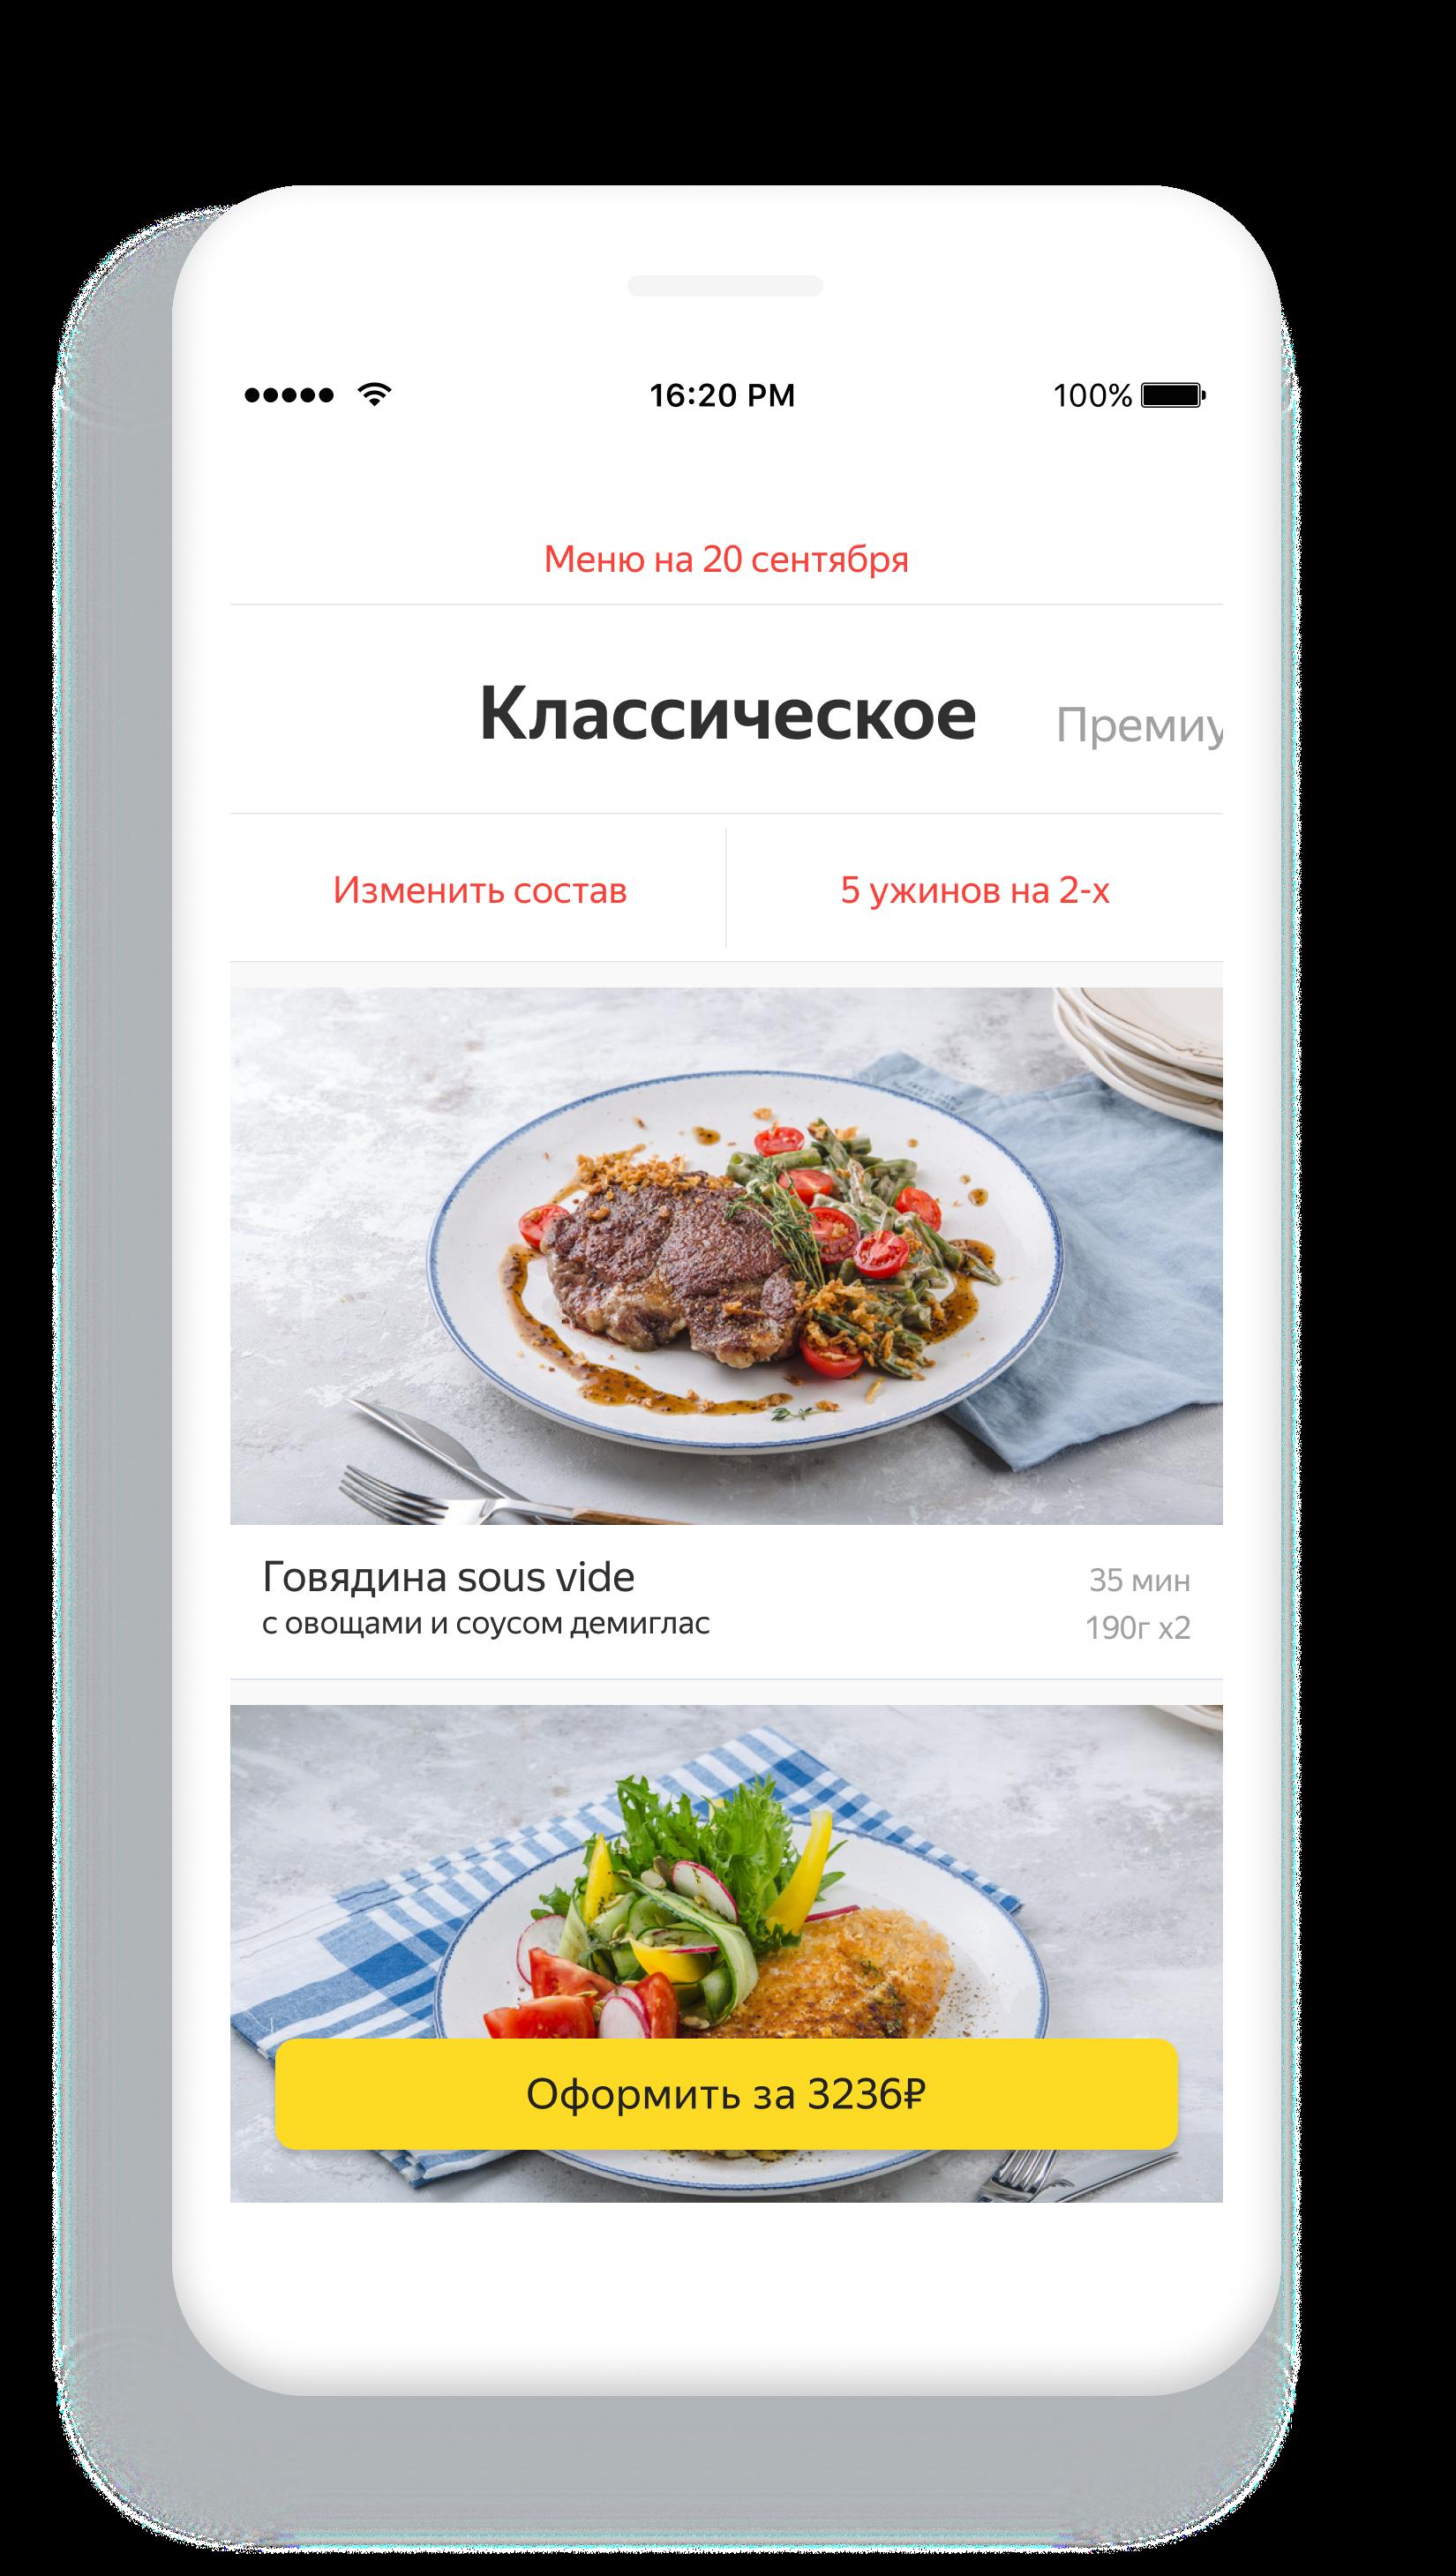 «Яндекс» запустил продажу продуктов по подписке «Яндекс.Шеф»